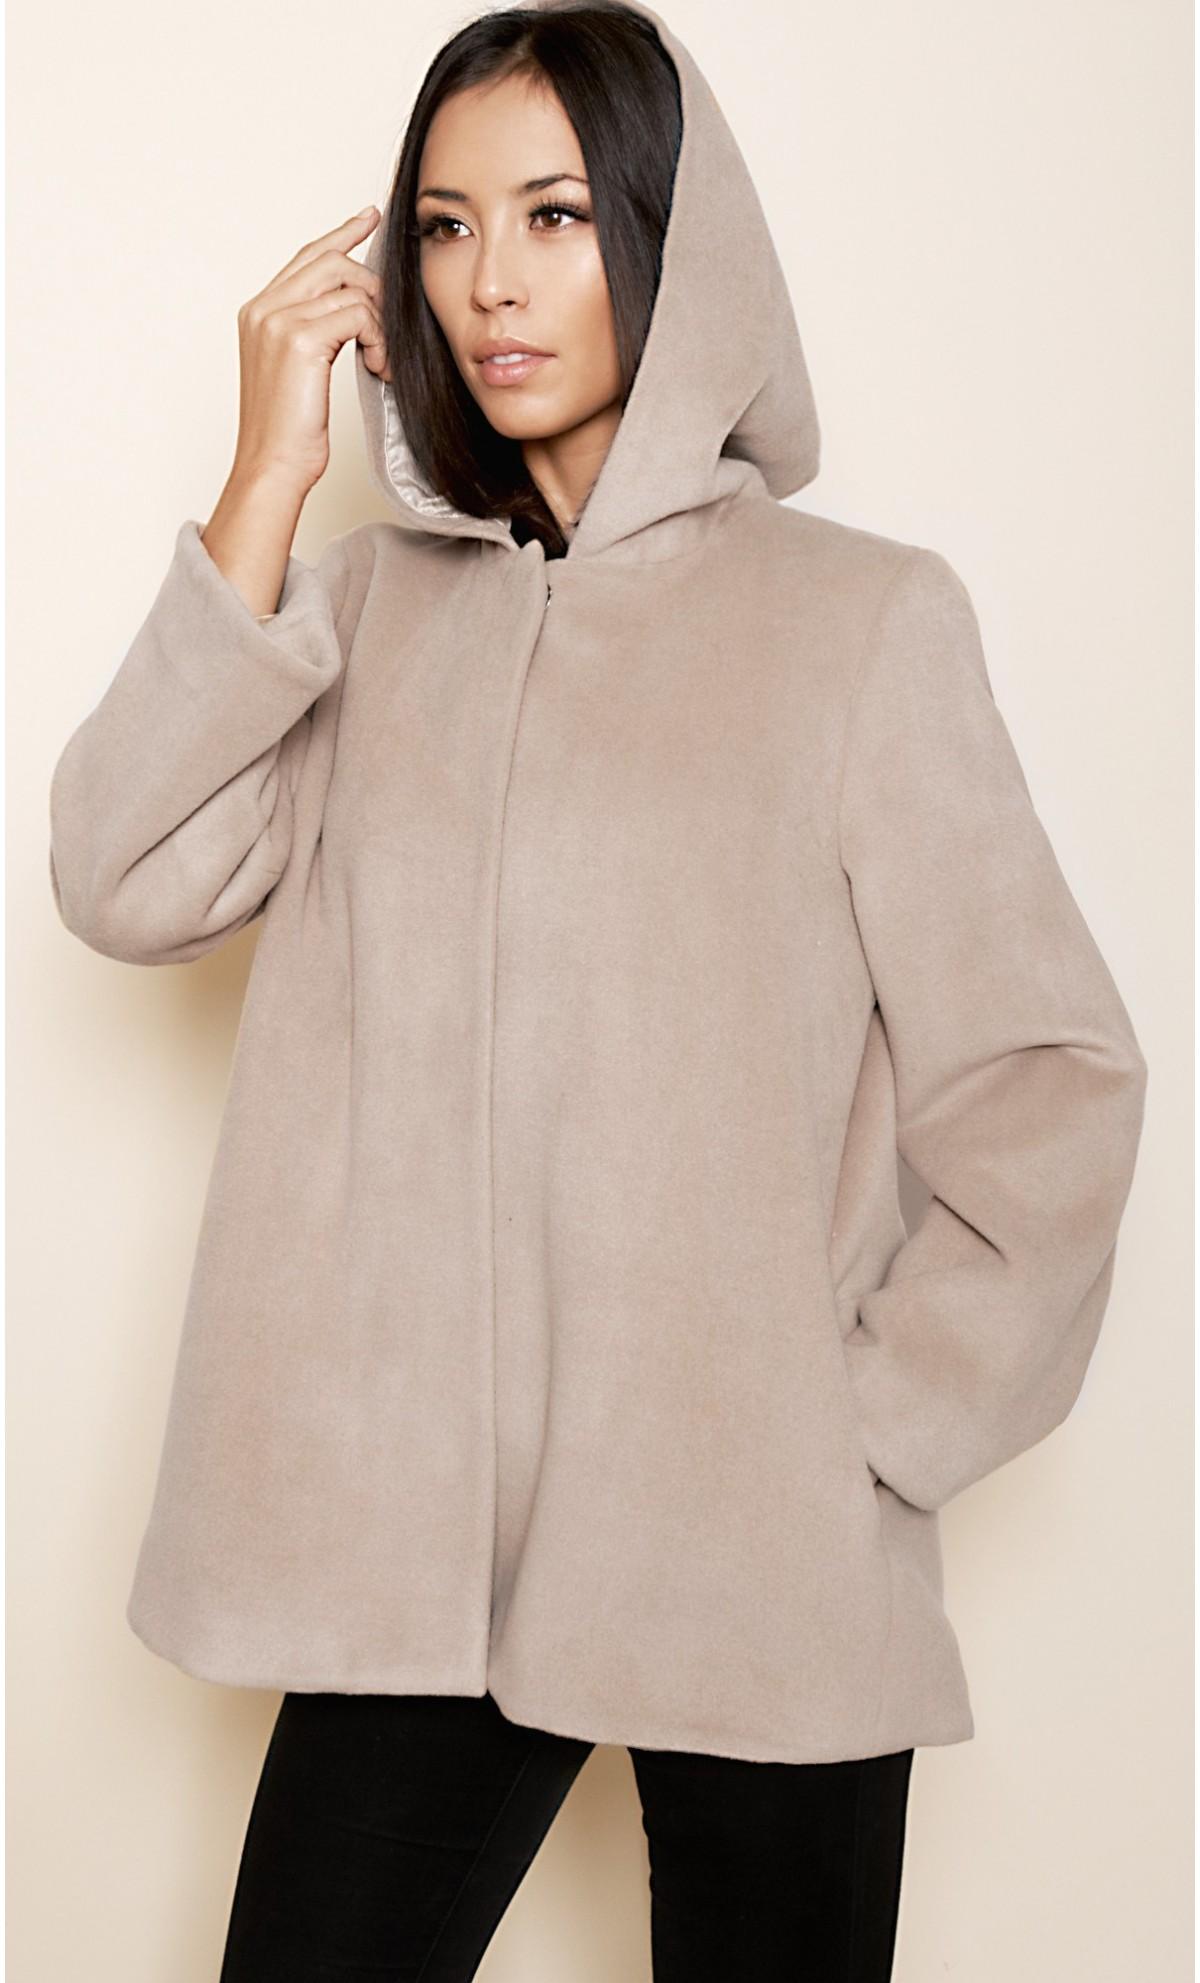 manteaux a capuche femme